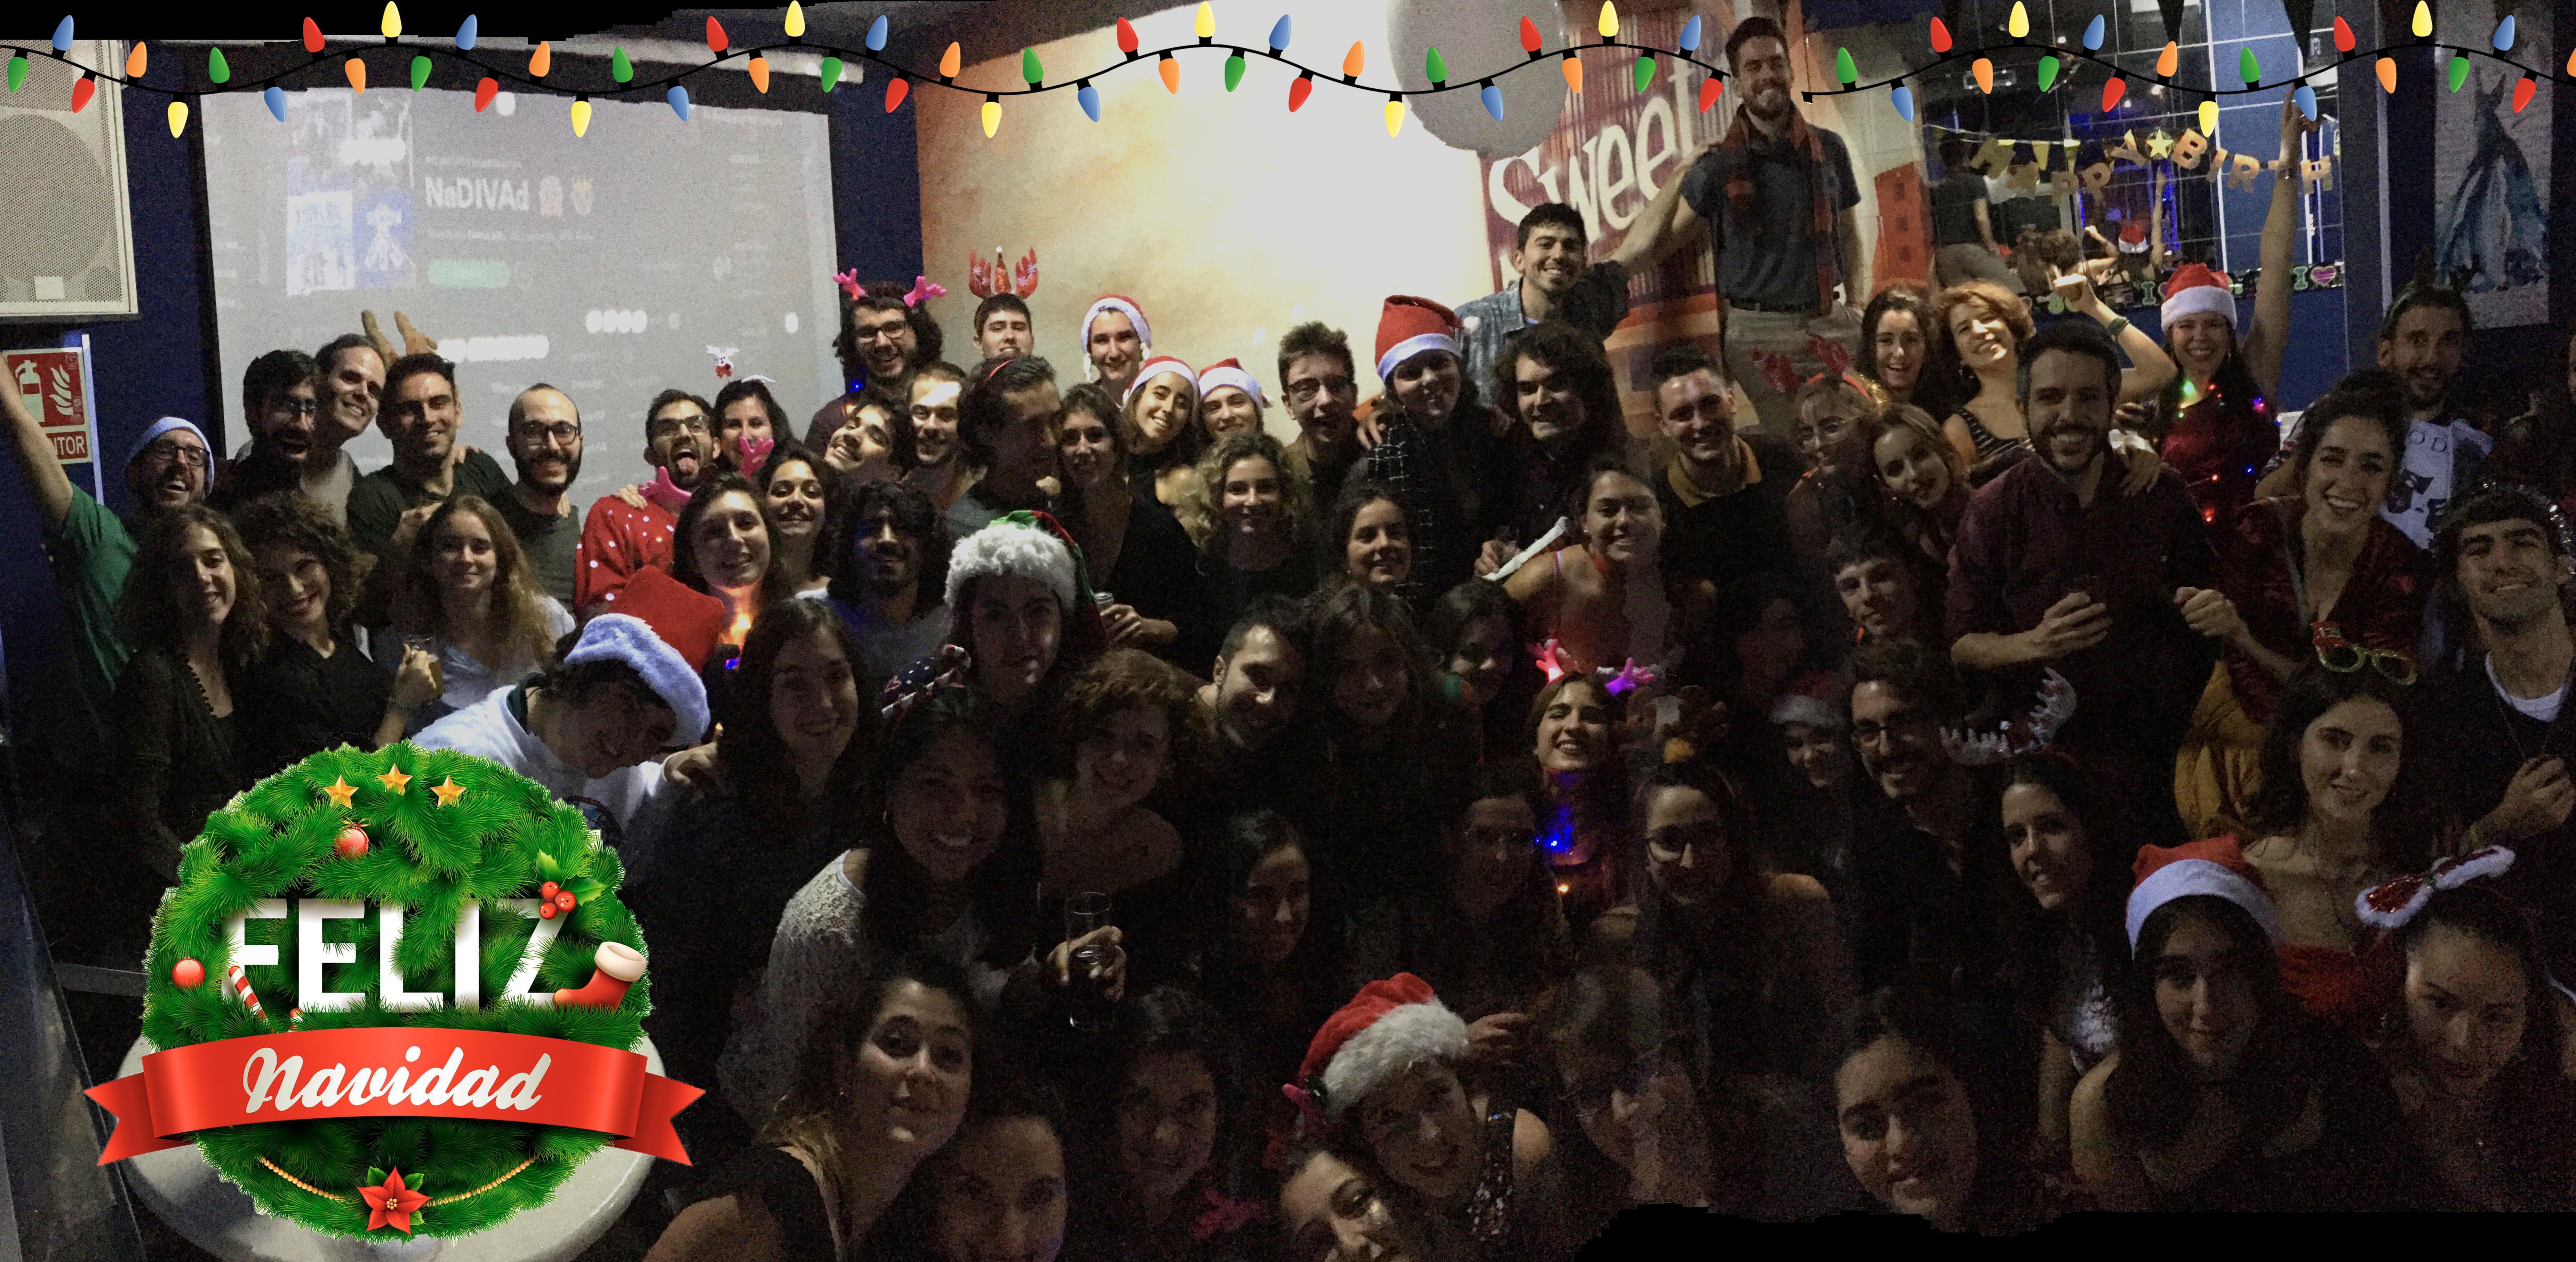 navidad-2019-nodamoscredito-NDC-teatro-foto